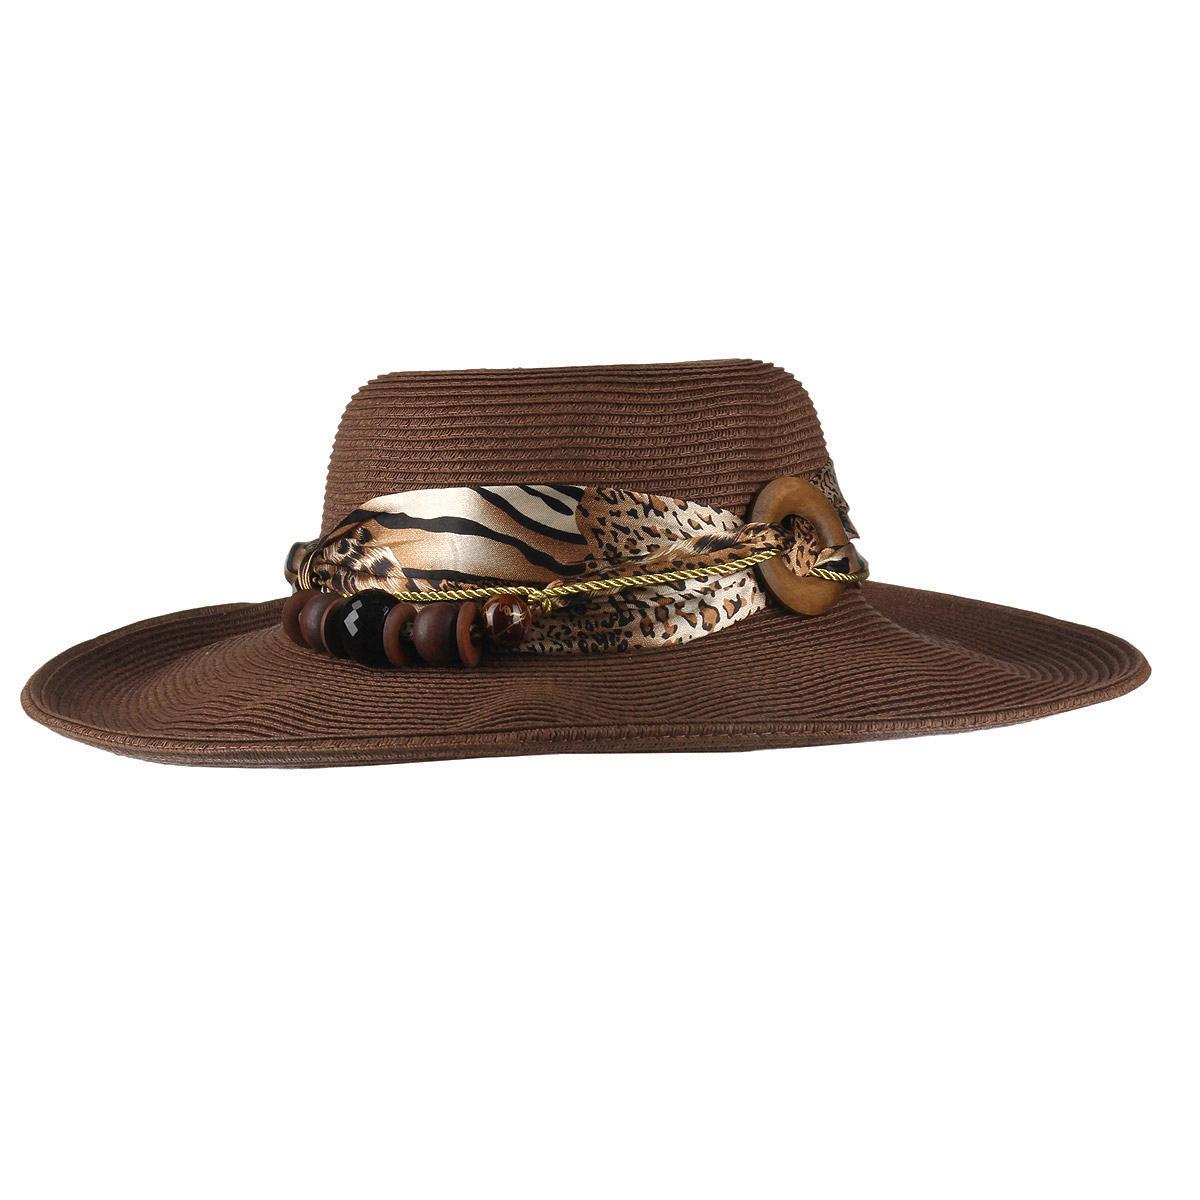 Шляпа женская Canoe Yanda, цвет: коричневый. 1966159. Размер 561966159Летняя женская шляпа Canoe Yanda, выполненная из искусственной соломы и полиэстера, станет незаменимым аксессуаром для пляжа и отдыха на природе. Широкие поля шляпы надежно защищают от солнечных лучей.Шляпа оформлена стильной лентой и оригинальным плетеным шнурком вокруг тульи, украшенным разнообразными крупными бусинами. Плетение шляпы обеспечивает необходимую вентиляцию и комфорт даже в самый знойный день. Шляпа легко восстанавливает свою форму после сжатия.Стильная шляпа с элегантными волнистыми полями подчеркнет вашу неповторимость и дополнит ваш повседневный образ.